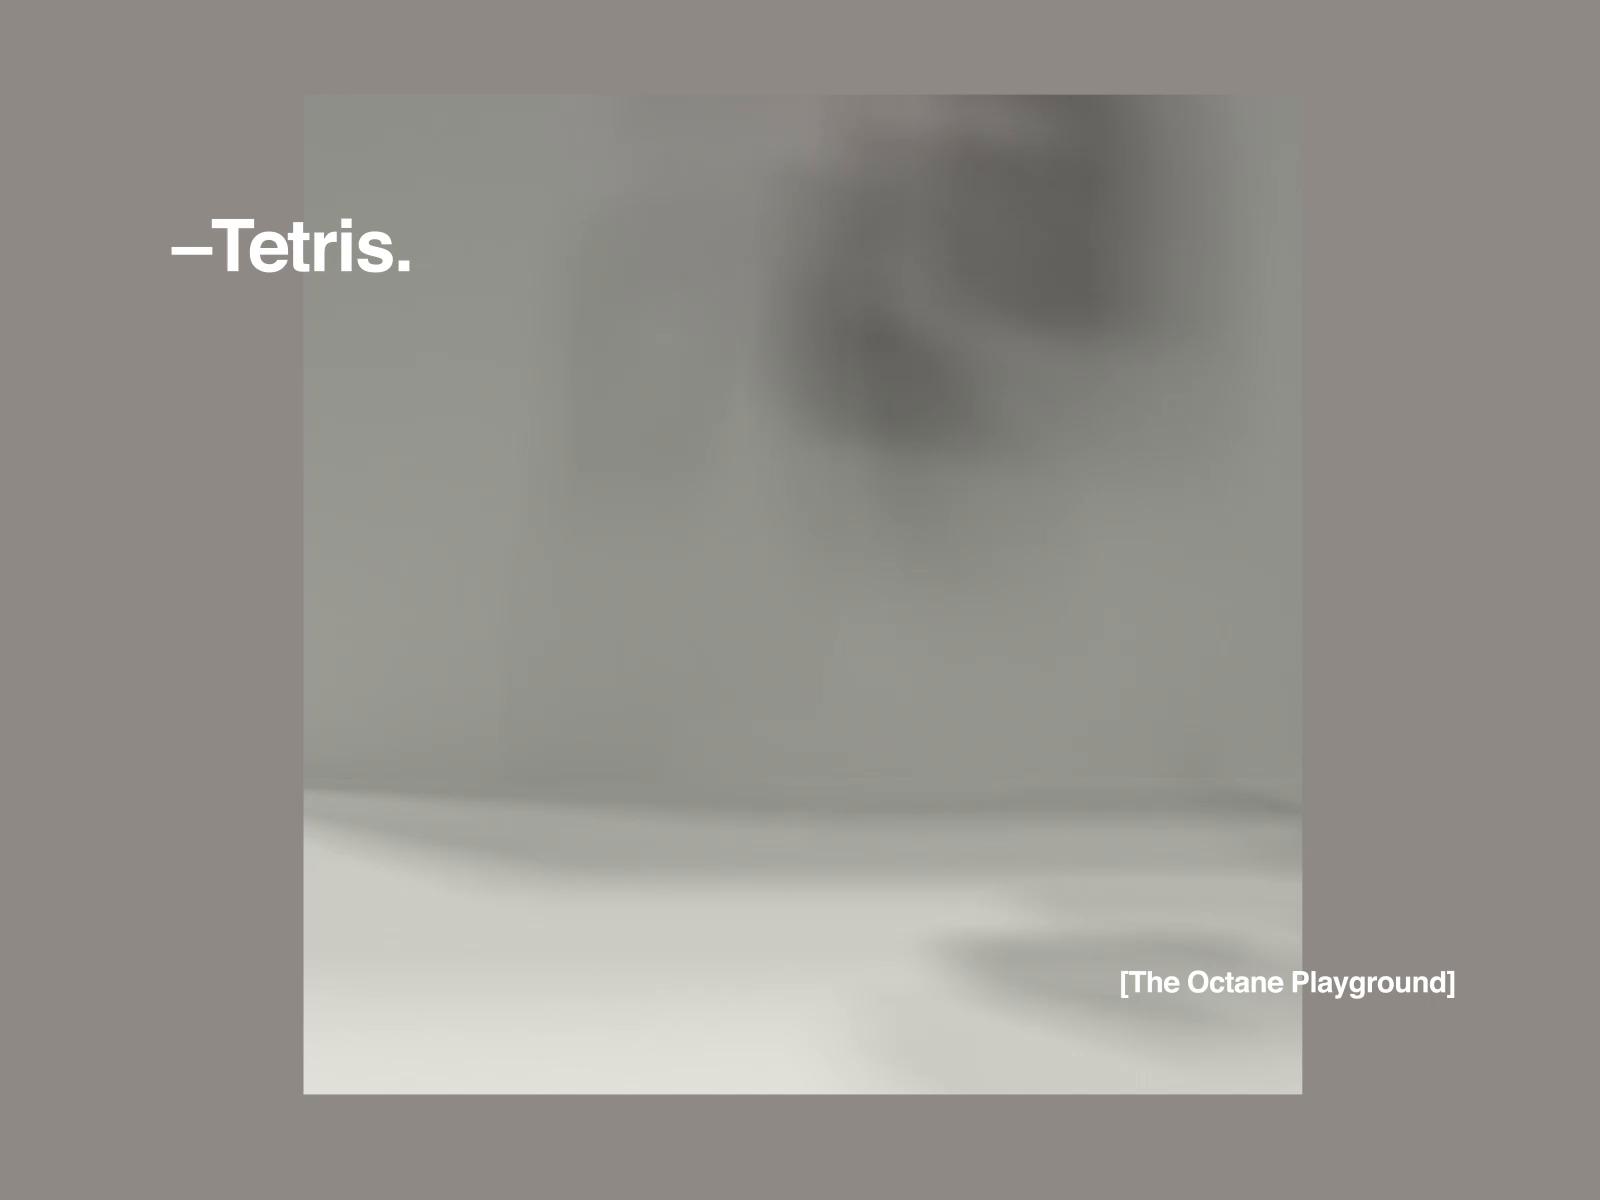 C4d may2019 007 tetris dribbble